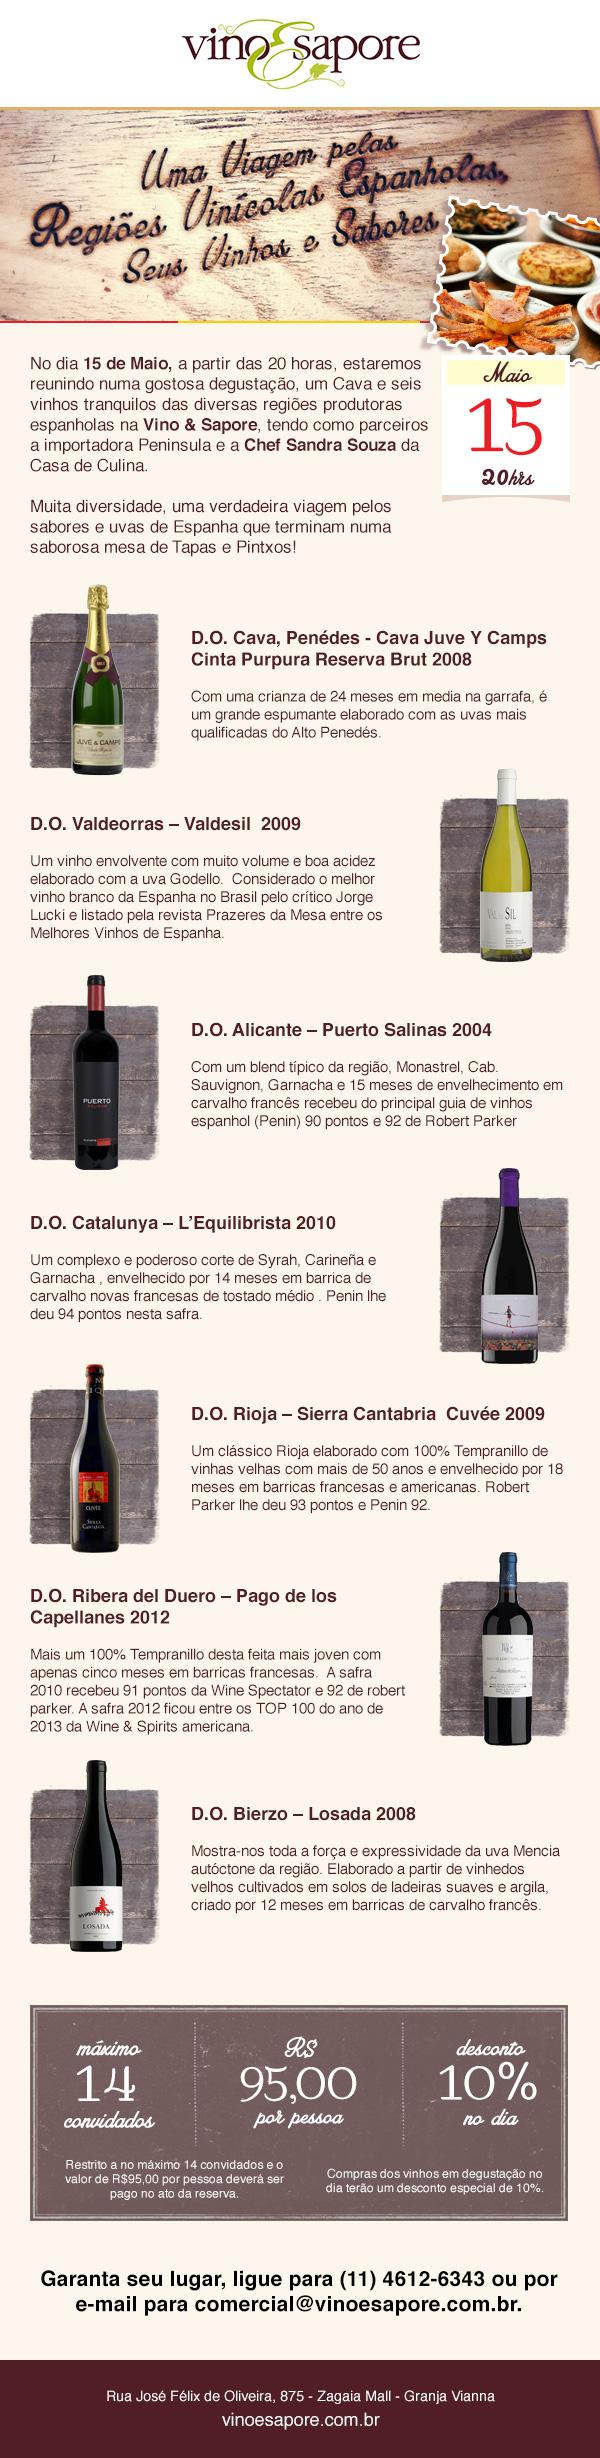 Espanha_Vinhos_Sabores_2